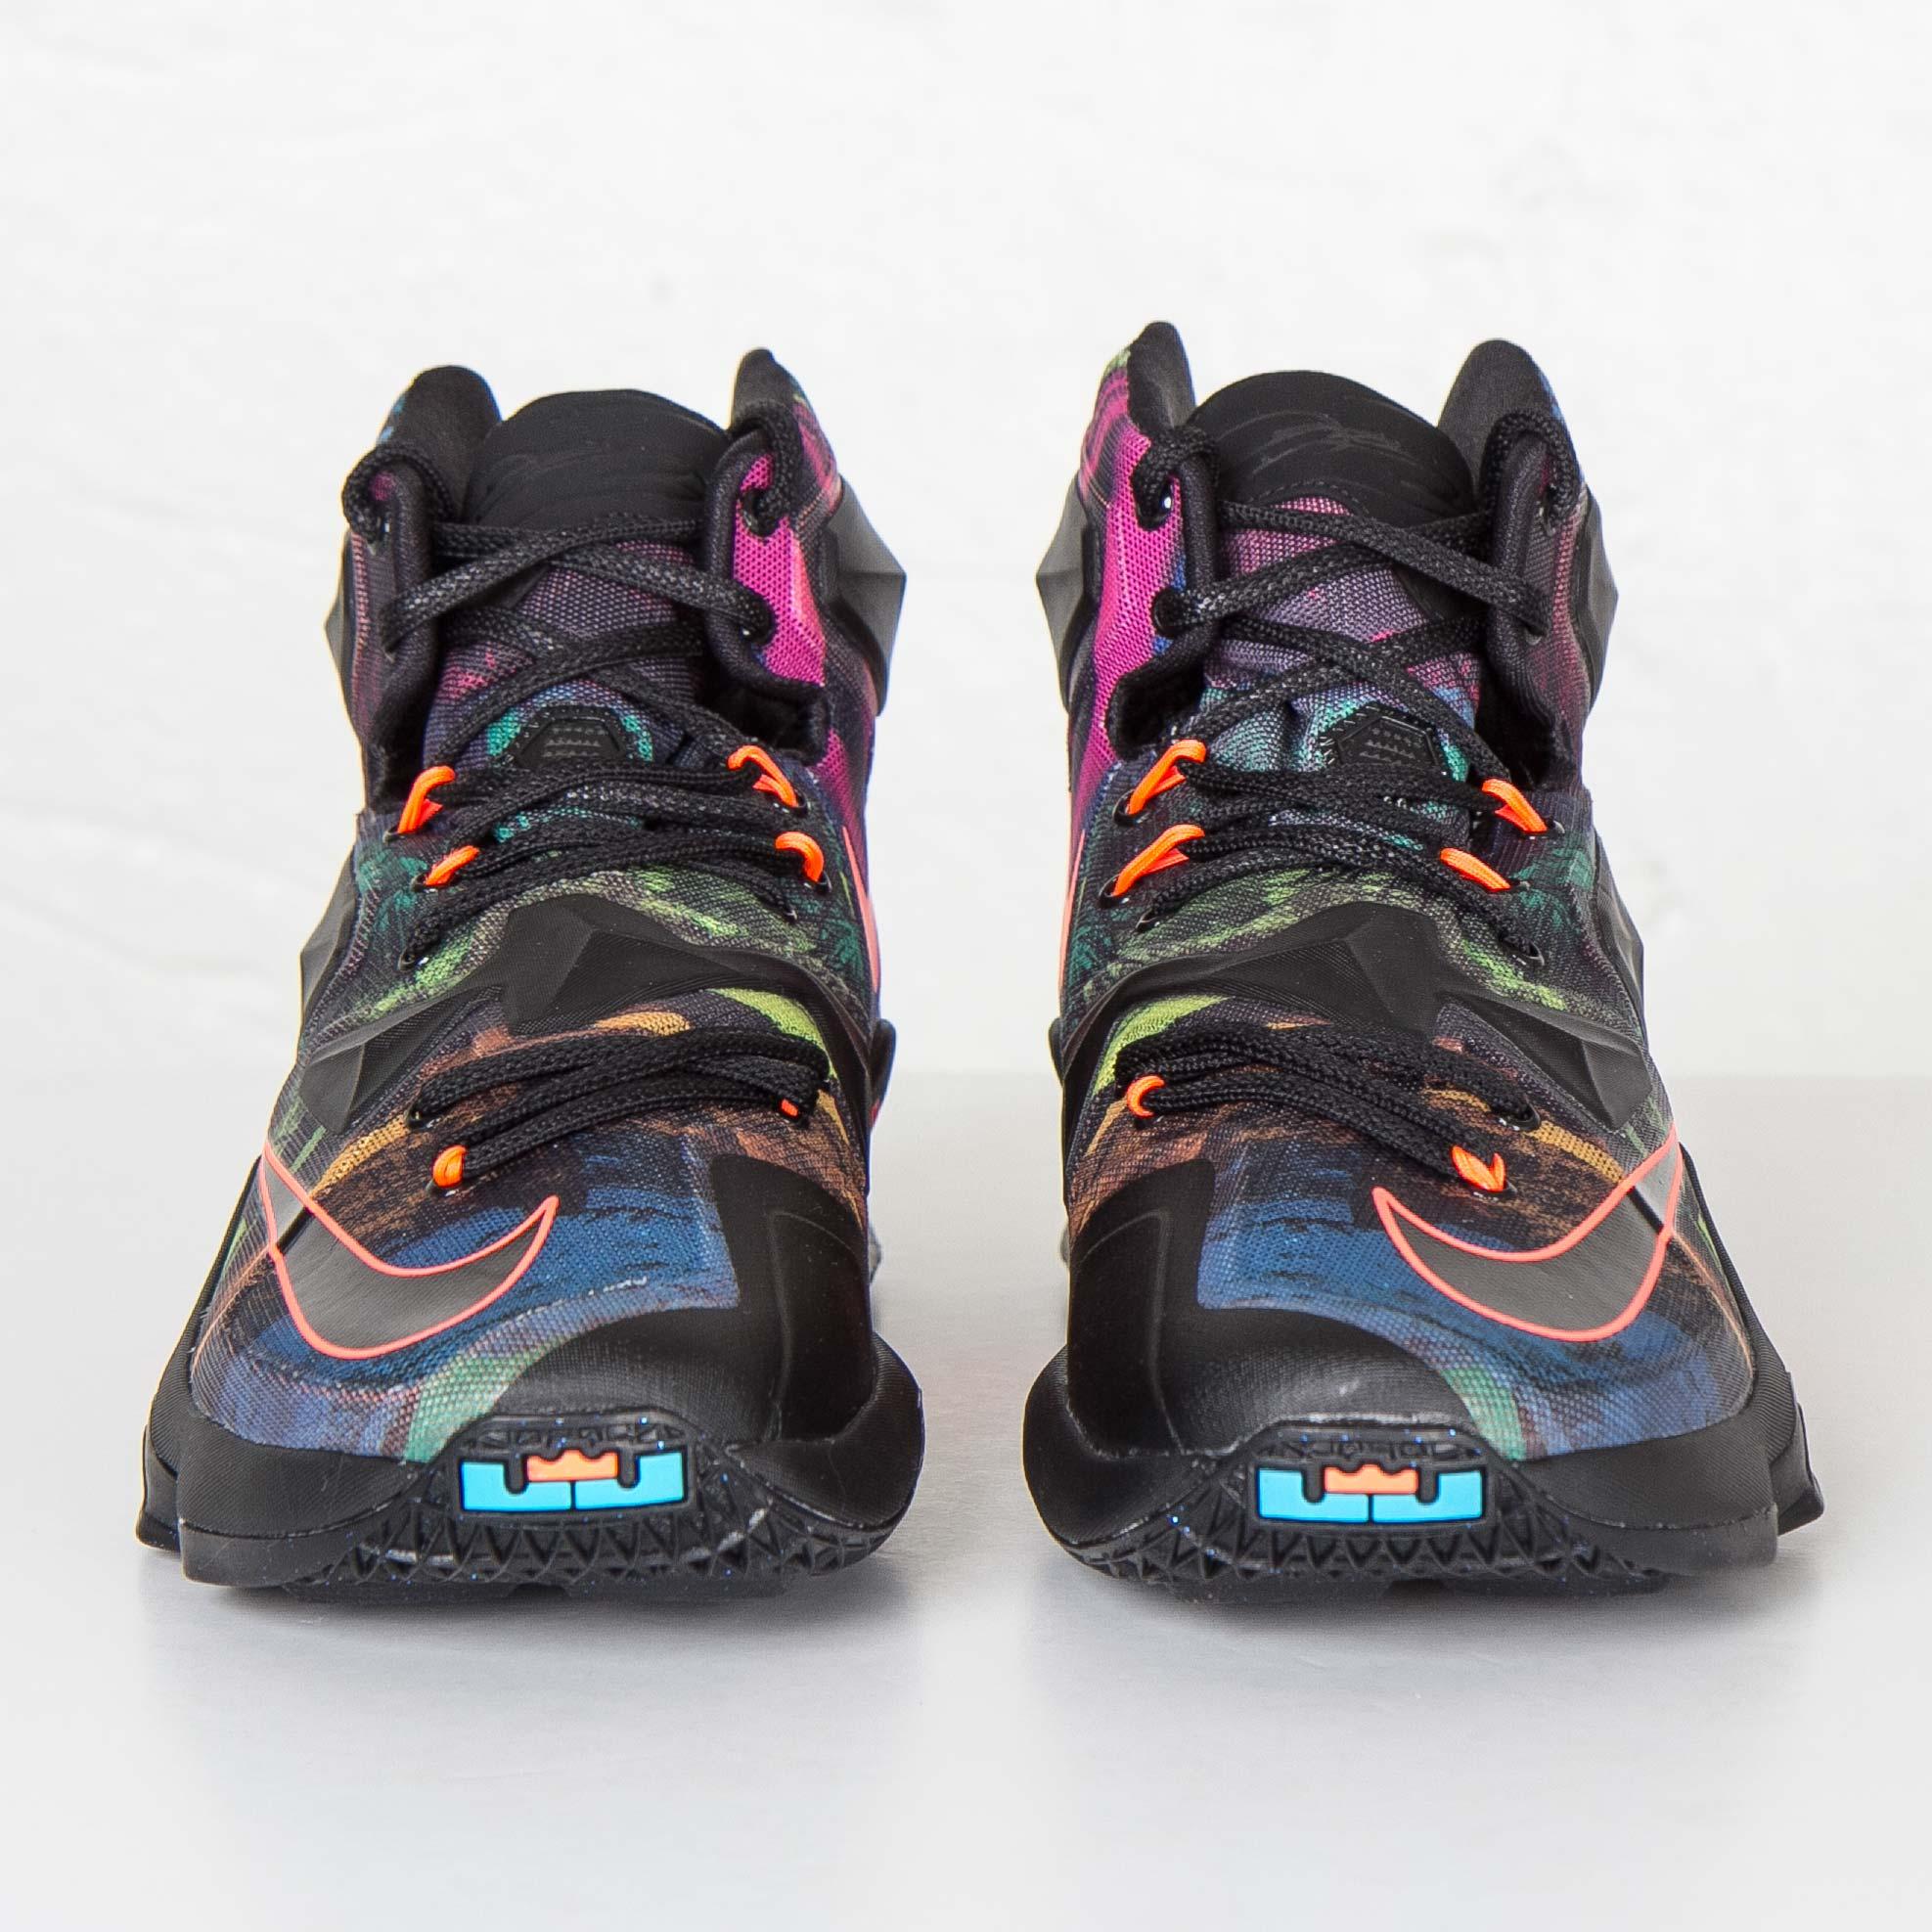 innovative design 05b82 cecac Nike Lebron XIII - 807219-008 - Sneakersnstuff   sneakers   streetwear  online since 1999